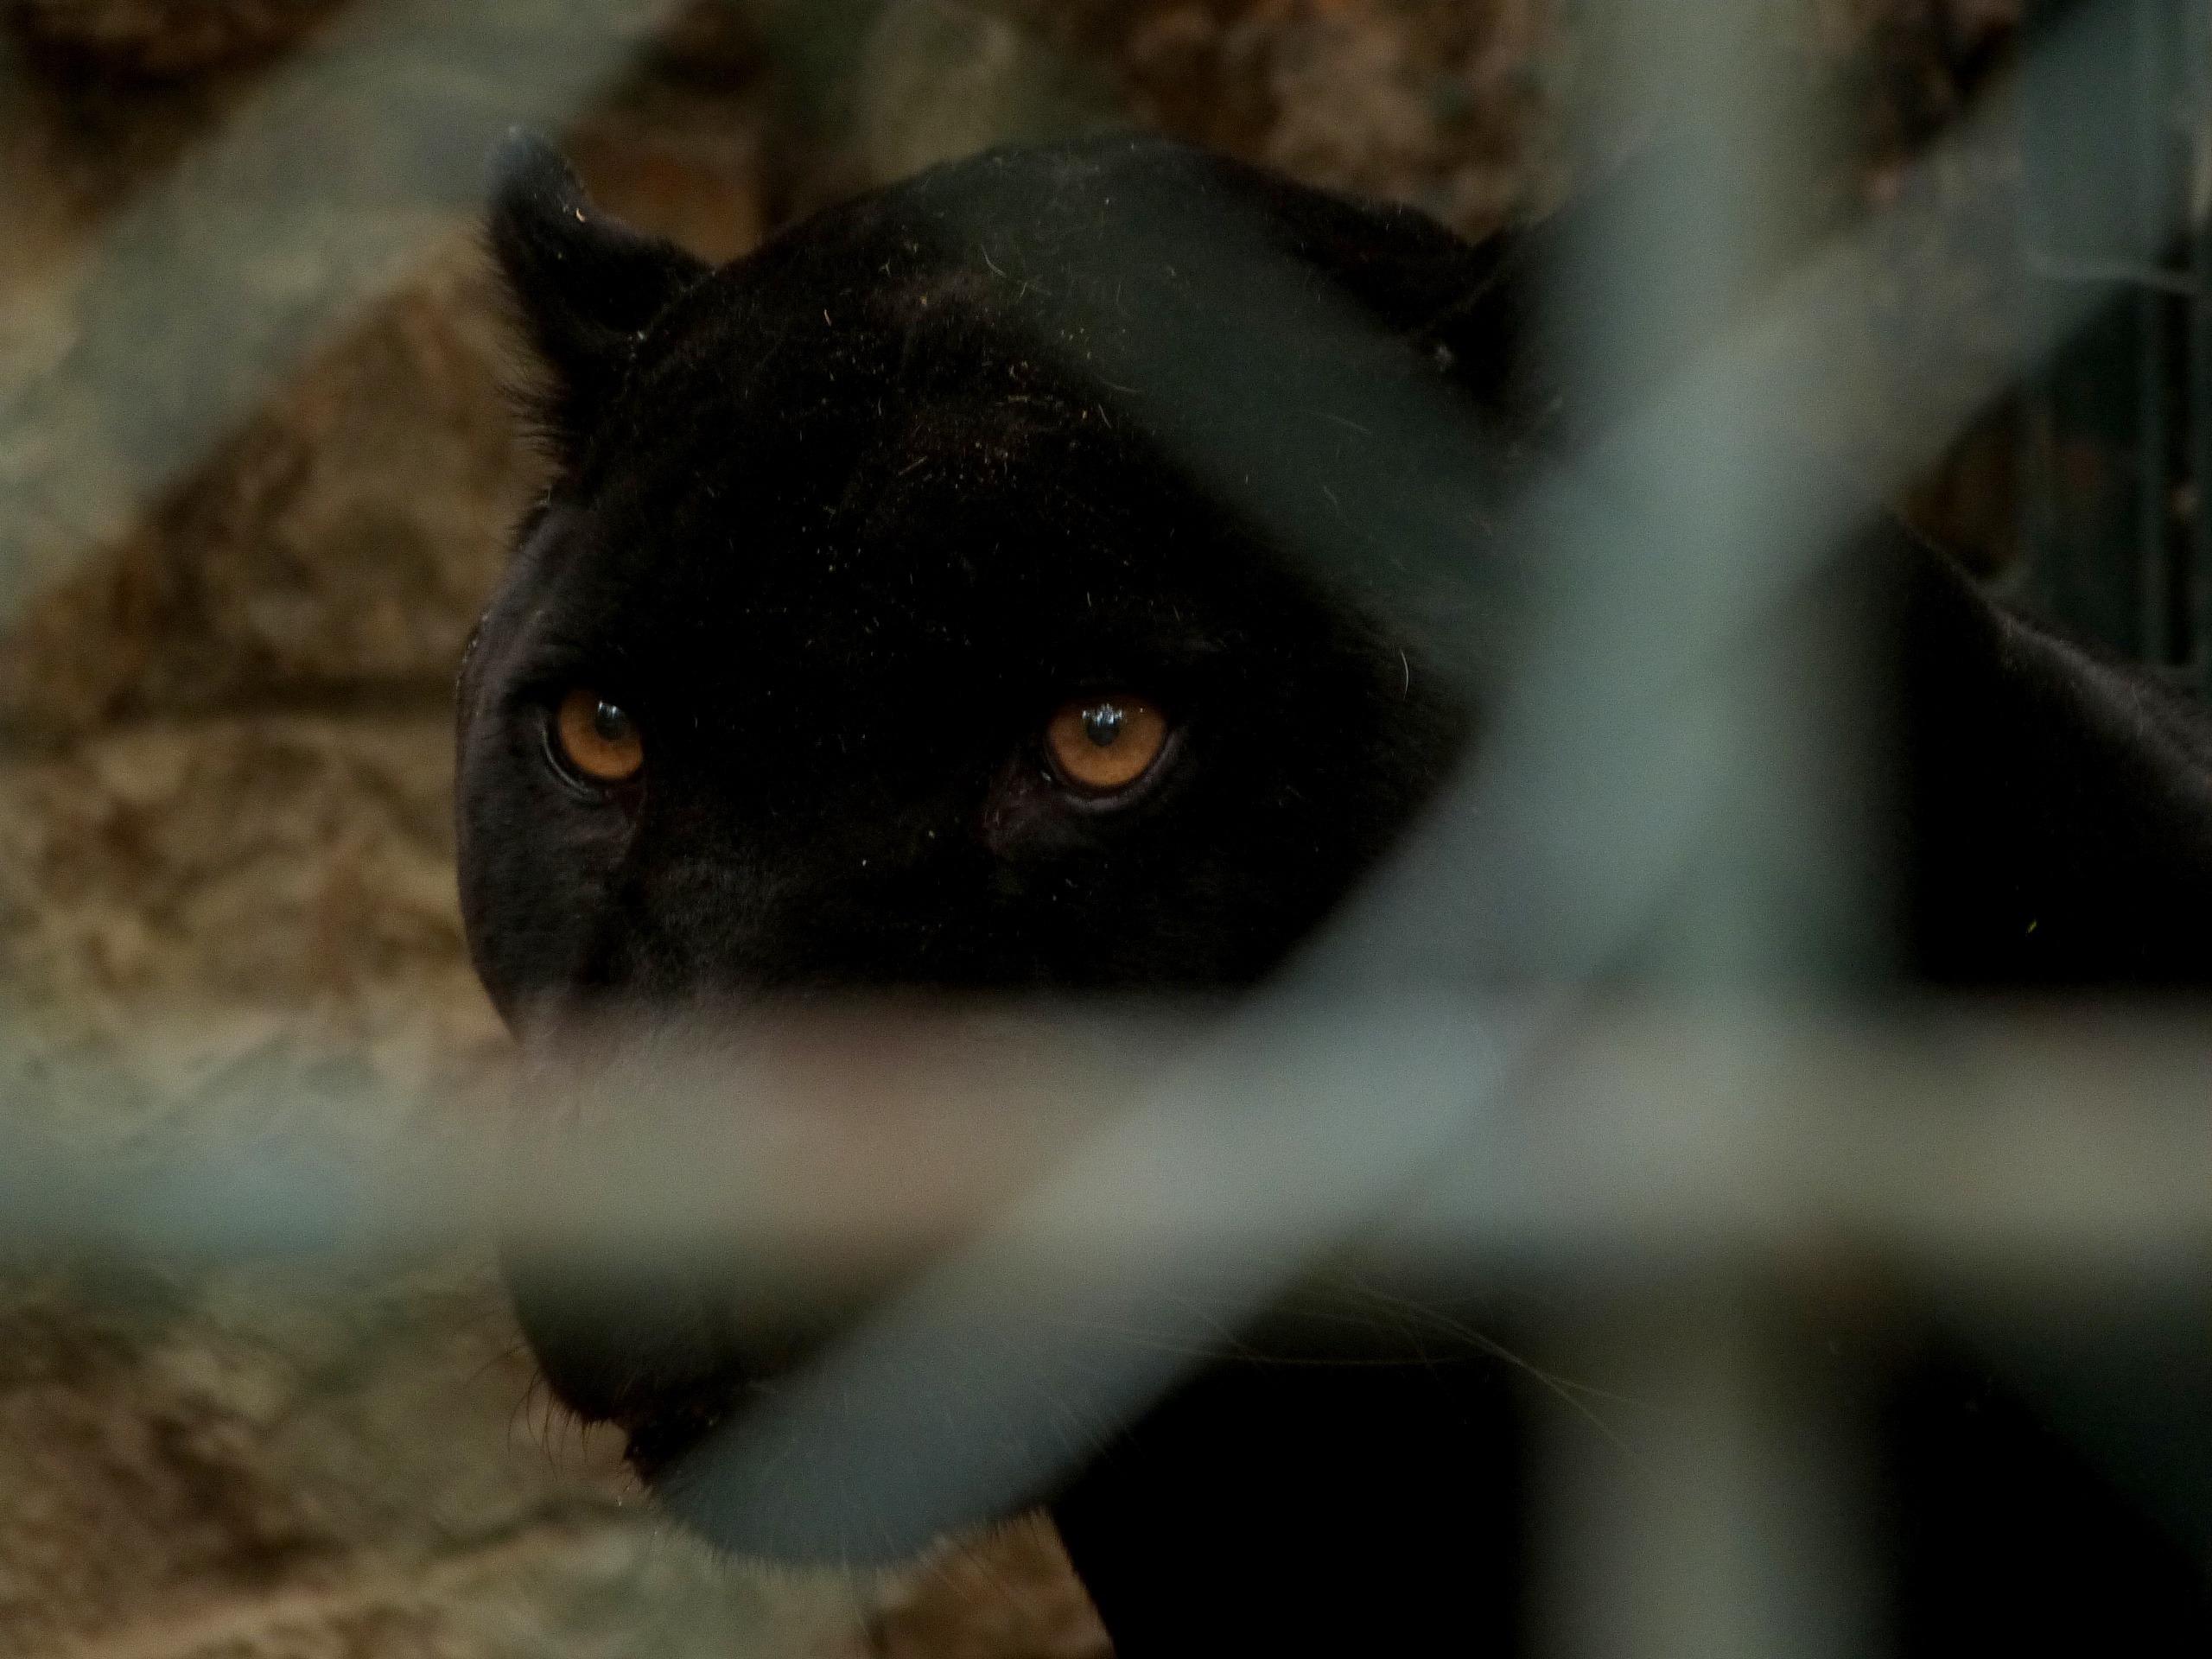 Bien connu Images Gratuites : En regardant, zoo, chat noir, faune, cage, gros  DM94